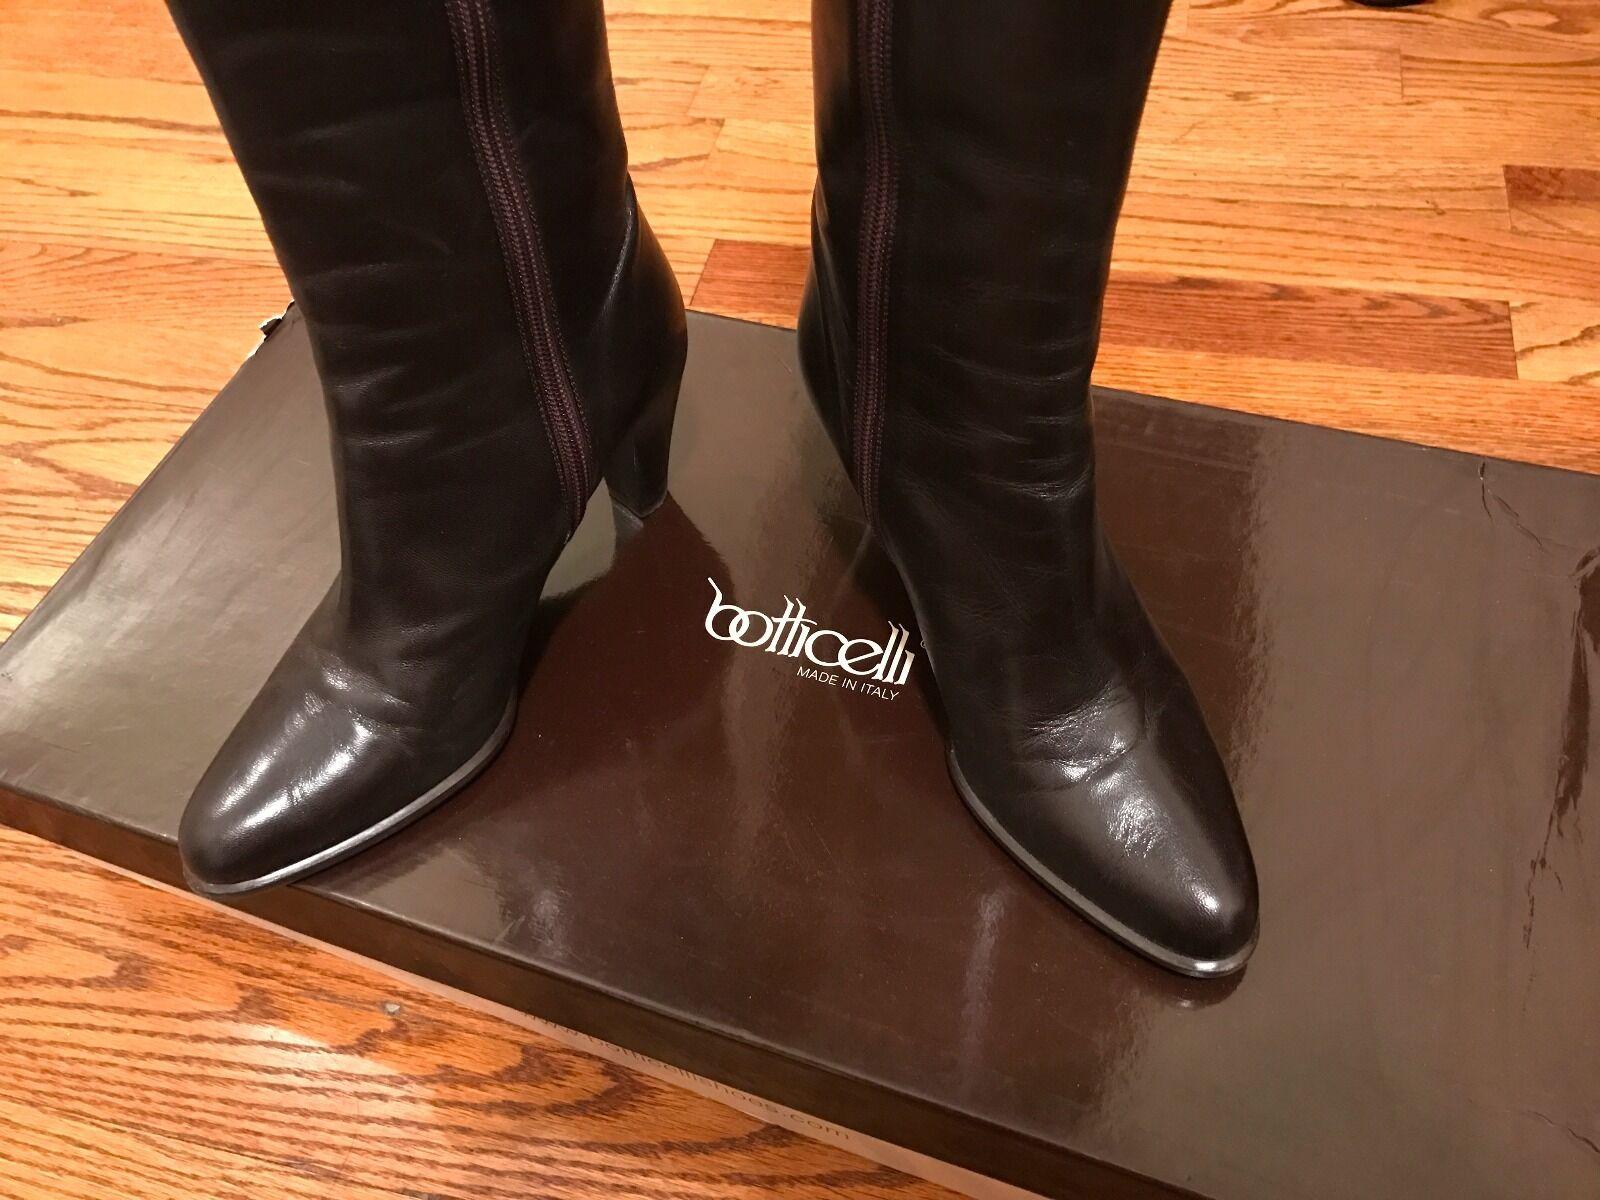 Nuevo En Caja Botticelli Oscuro Negro De Cuero Cuero Cuero Marrón rodilla alta botas con cremallera taco alto 36 6  venta caliente